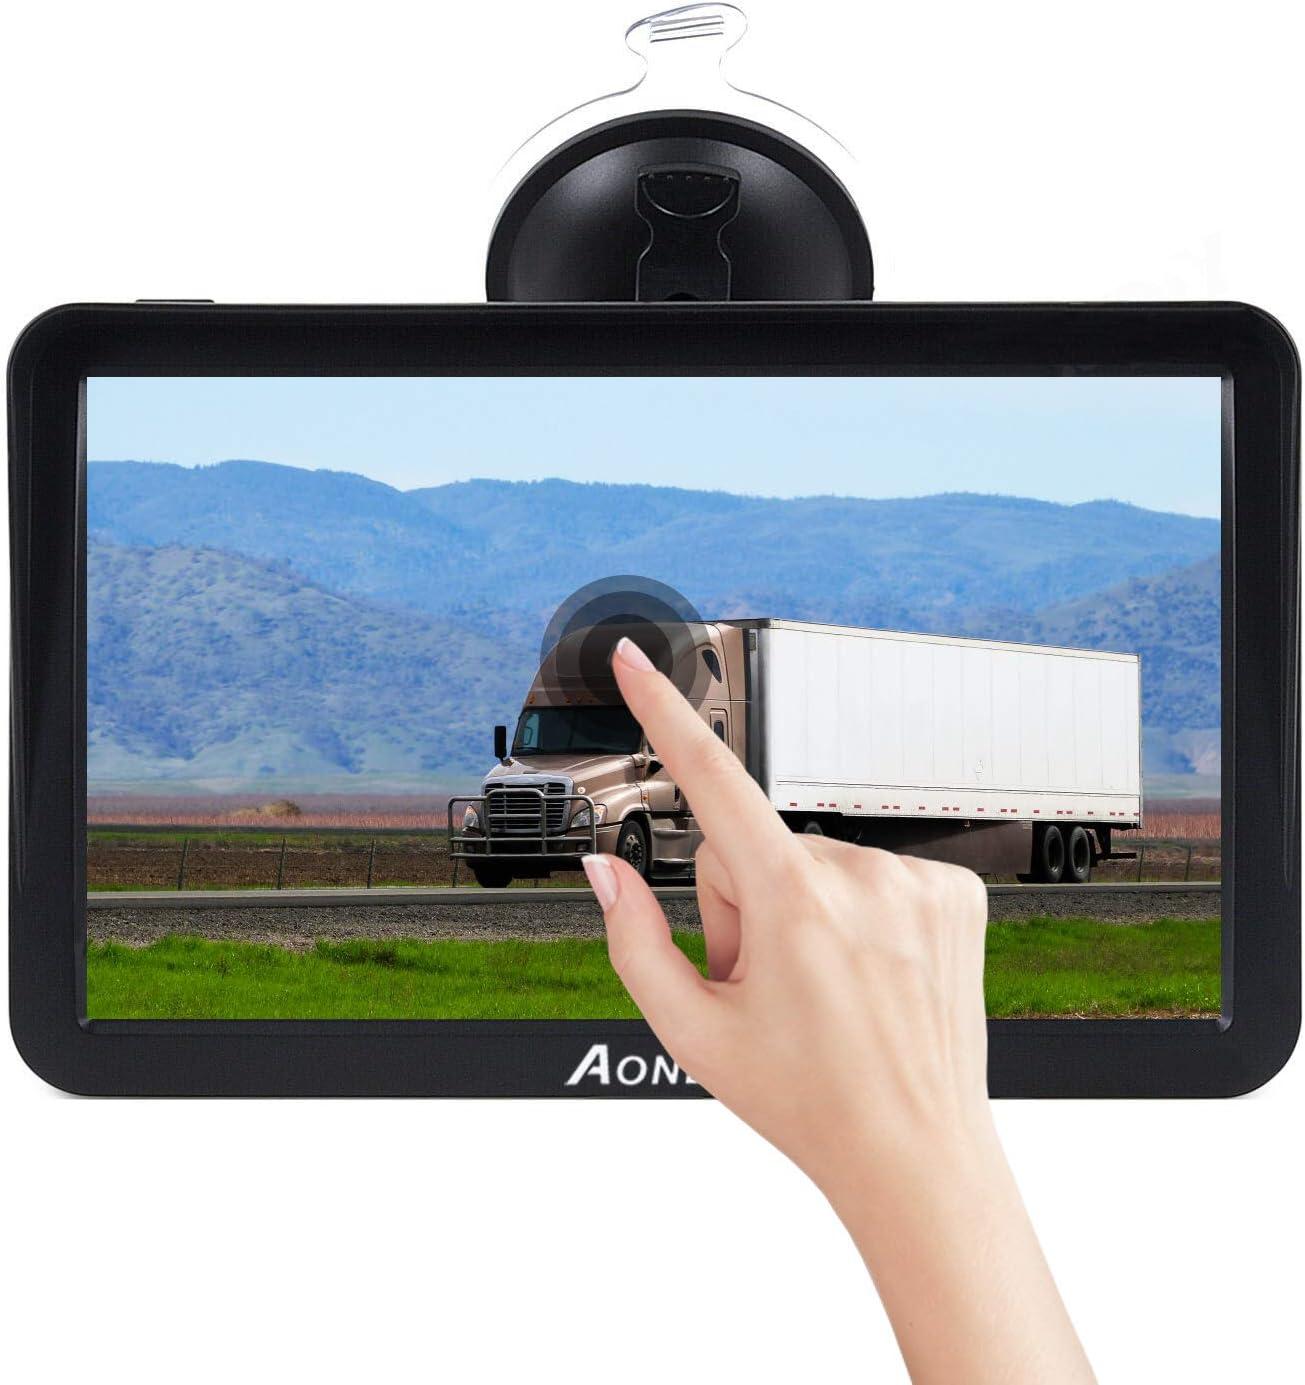 Aonerex GPS Navi f/ür Auto PKW KFZ Navigationsger/ät 9 Zoll Lebenslang Kostenloses Kartenupdate mit POI Blitzerwarnung Sprachf/ührung Fahrspurassistent 2020 Europa Karten Navigation f/ür LKW